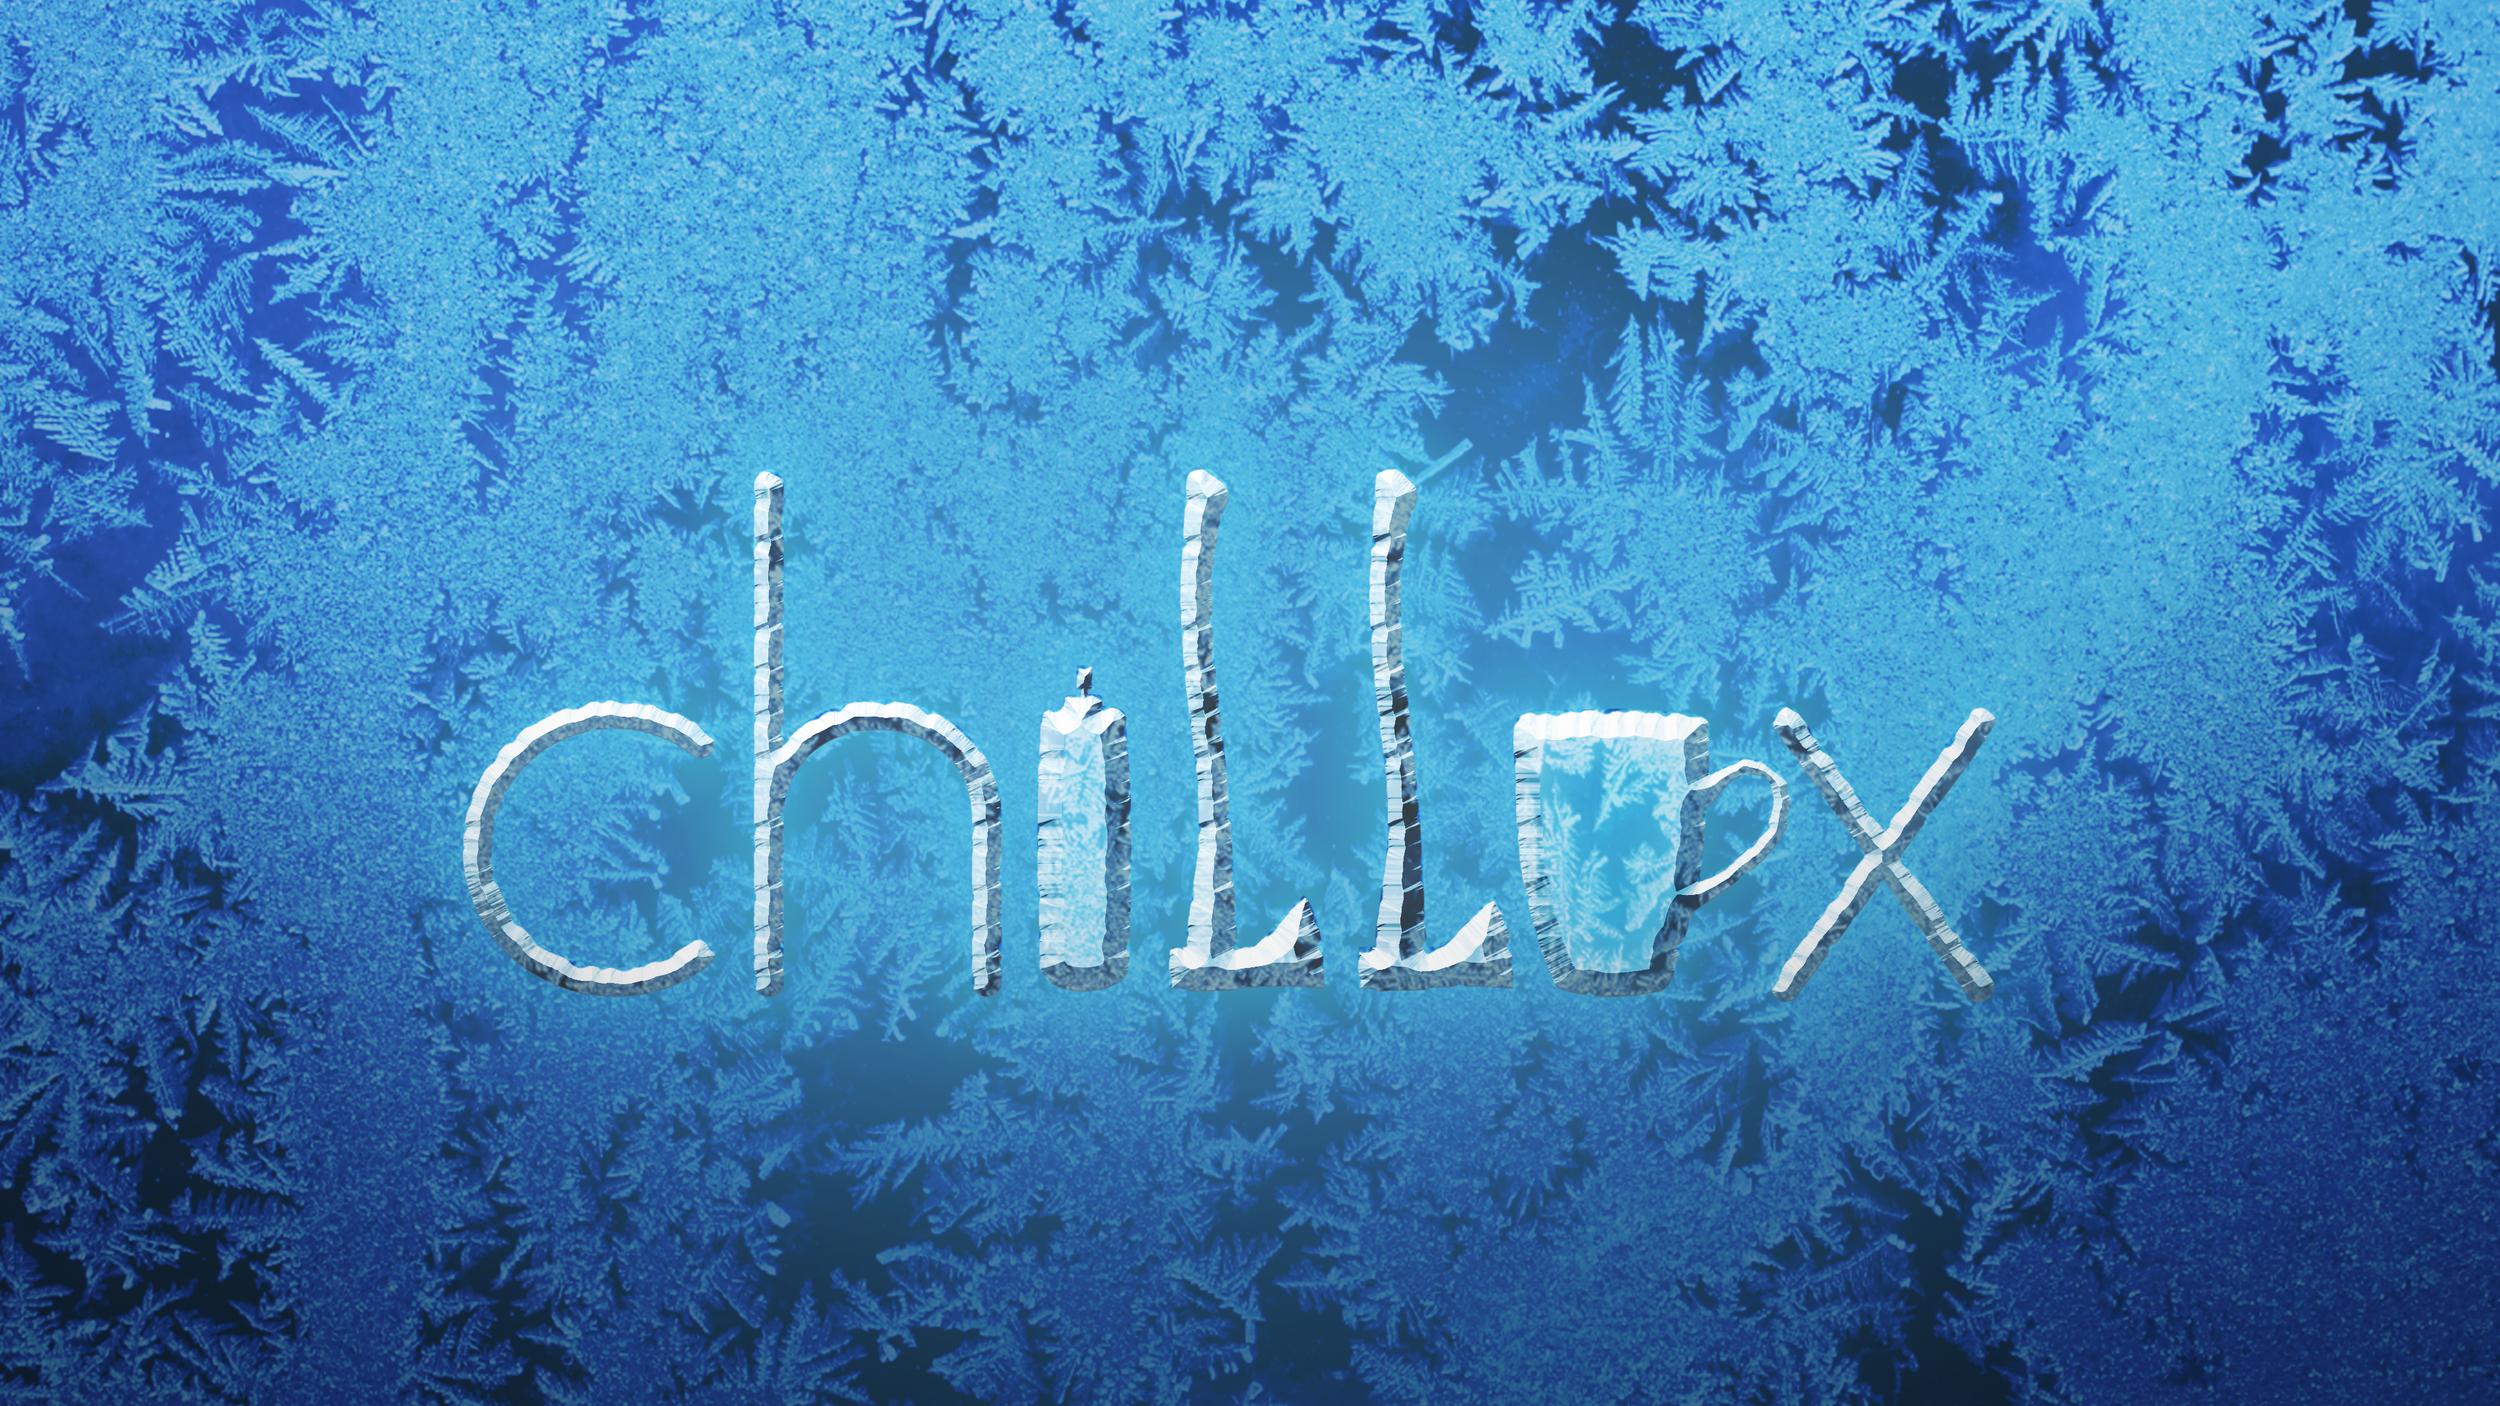 Wallpaper_Desktop_Widescreen_chillax.png